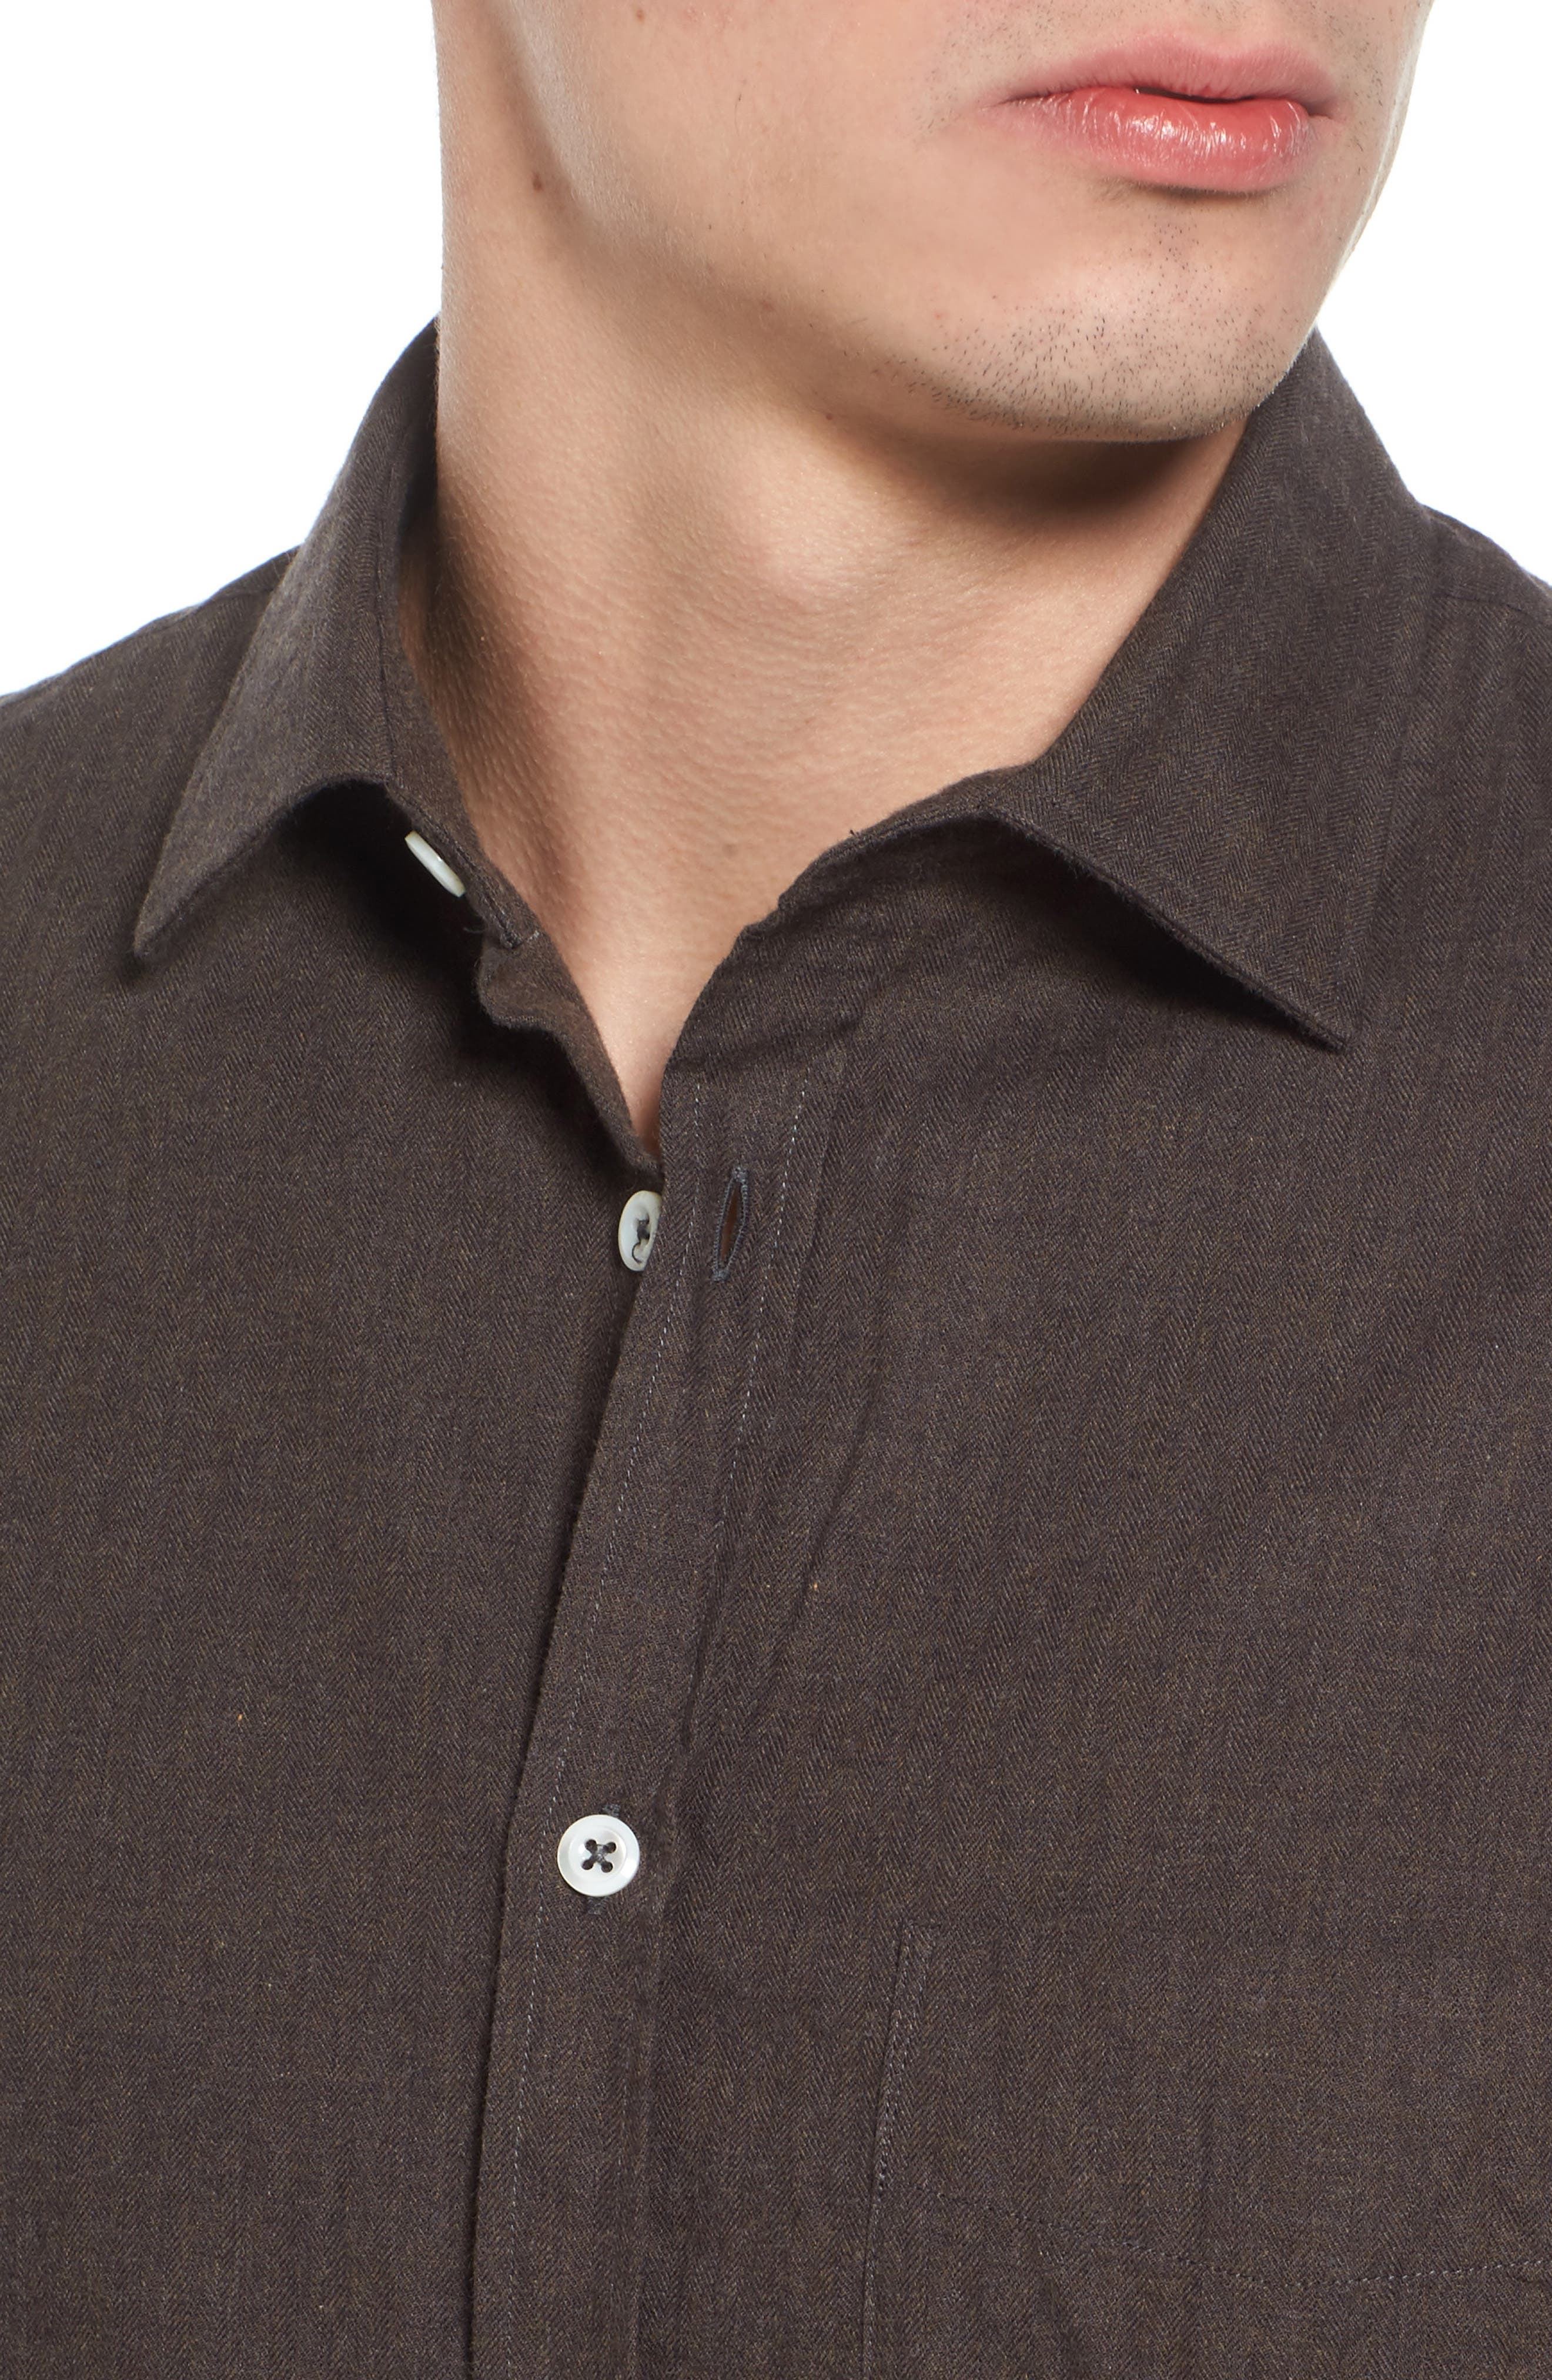 John T Standard Fit Herringbone Shirt,                             Alternate thumbnail 4, color,                             Brown